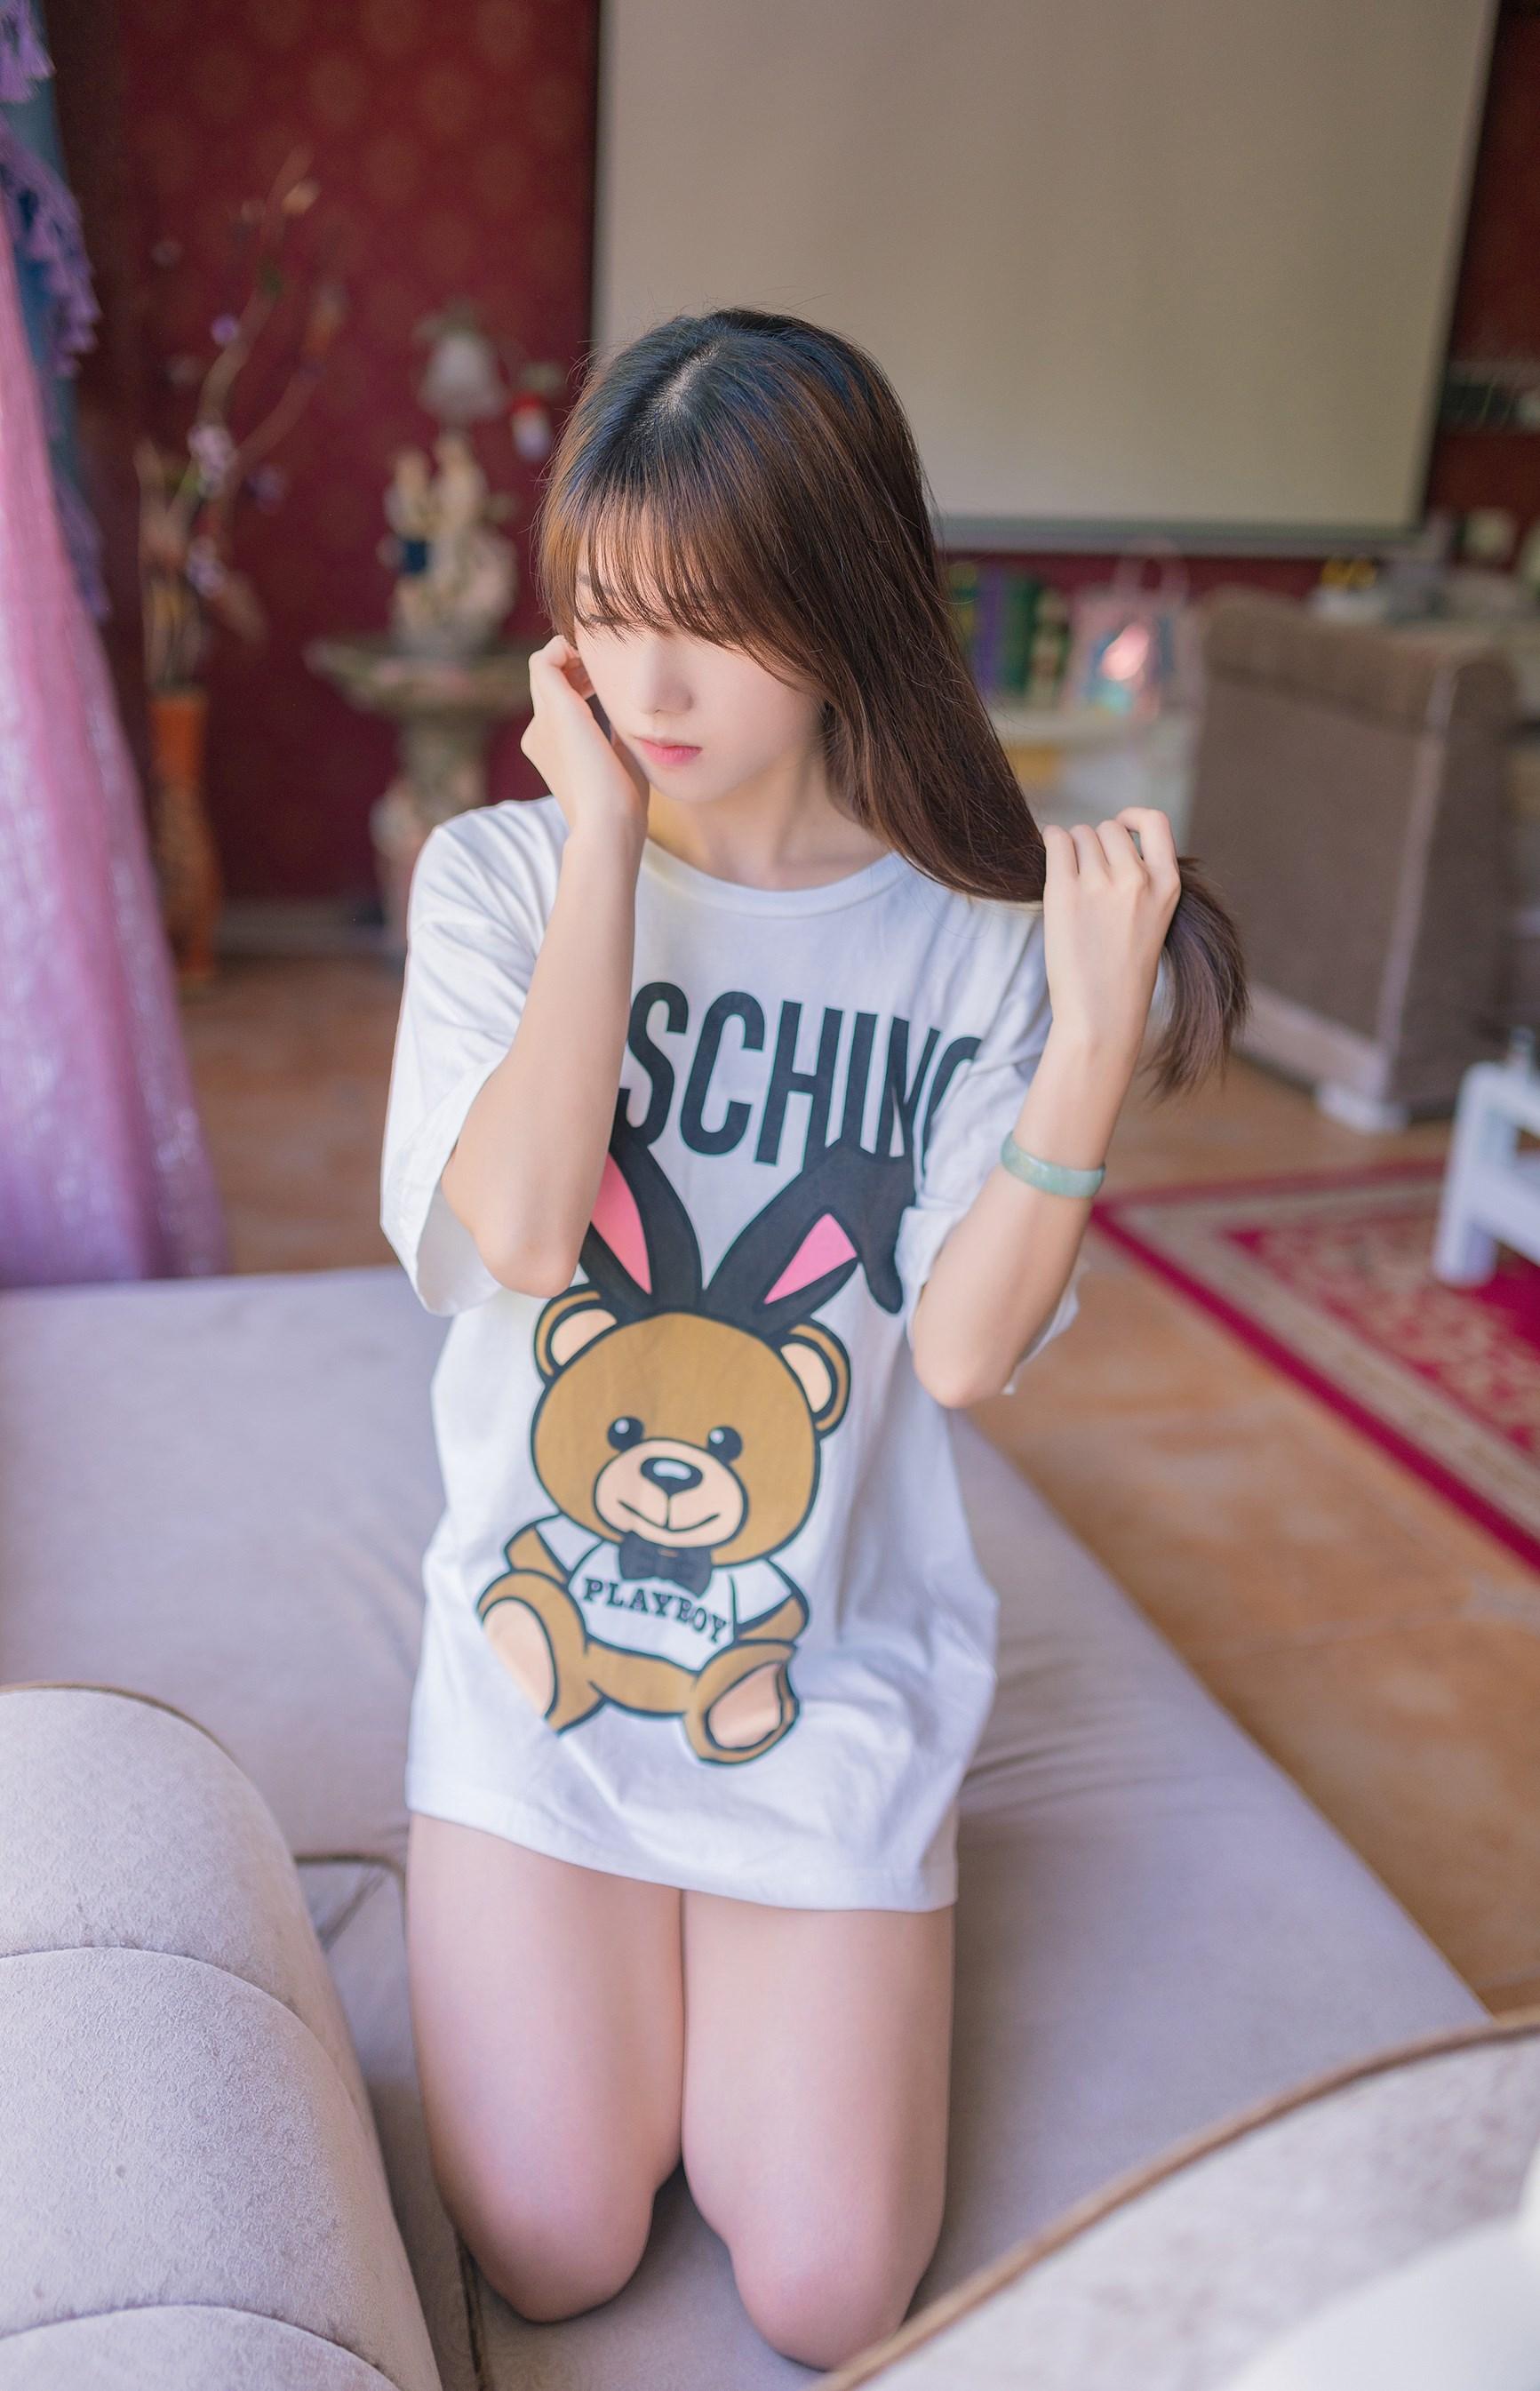 【兔玩映画】小熊睡衣 兔玩映画 第22张